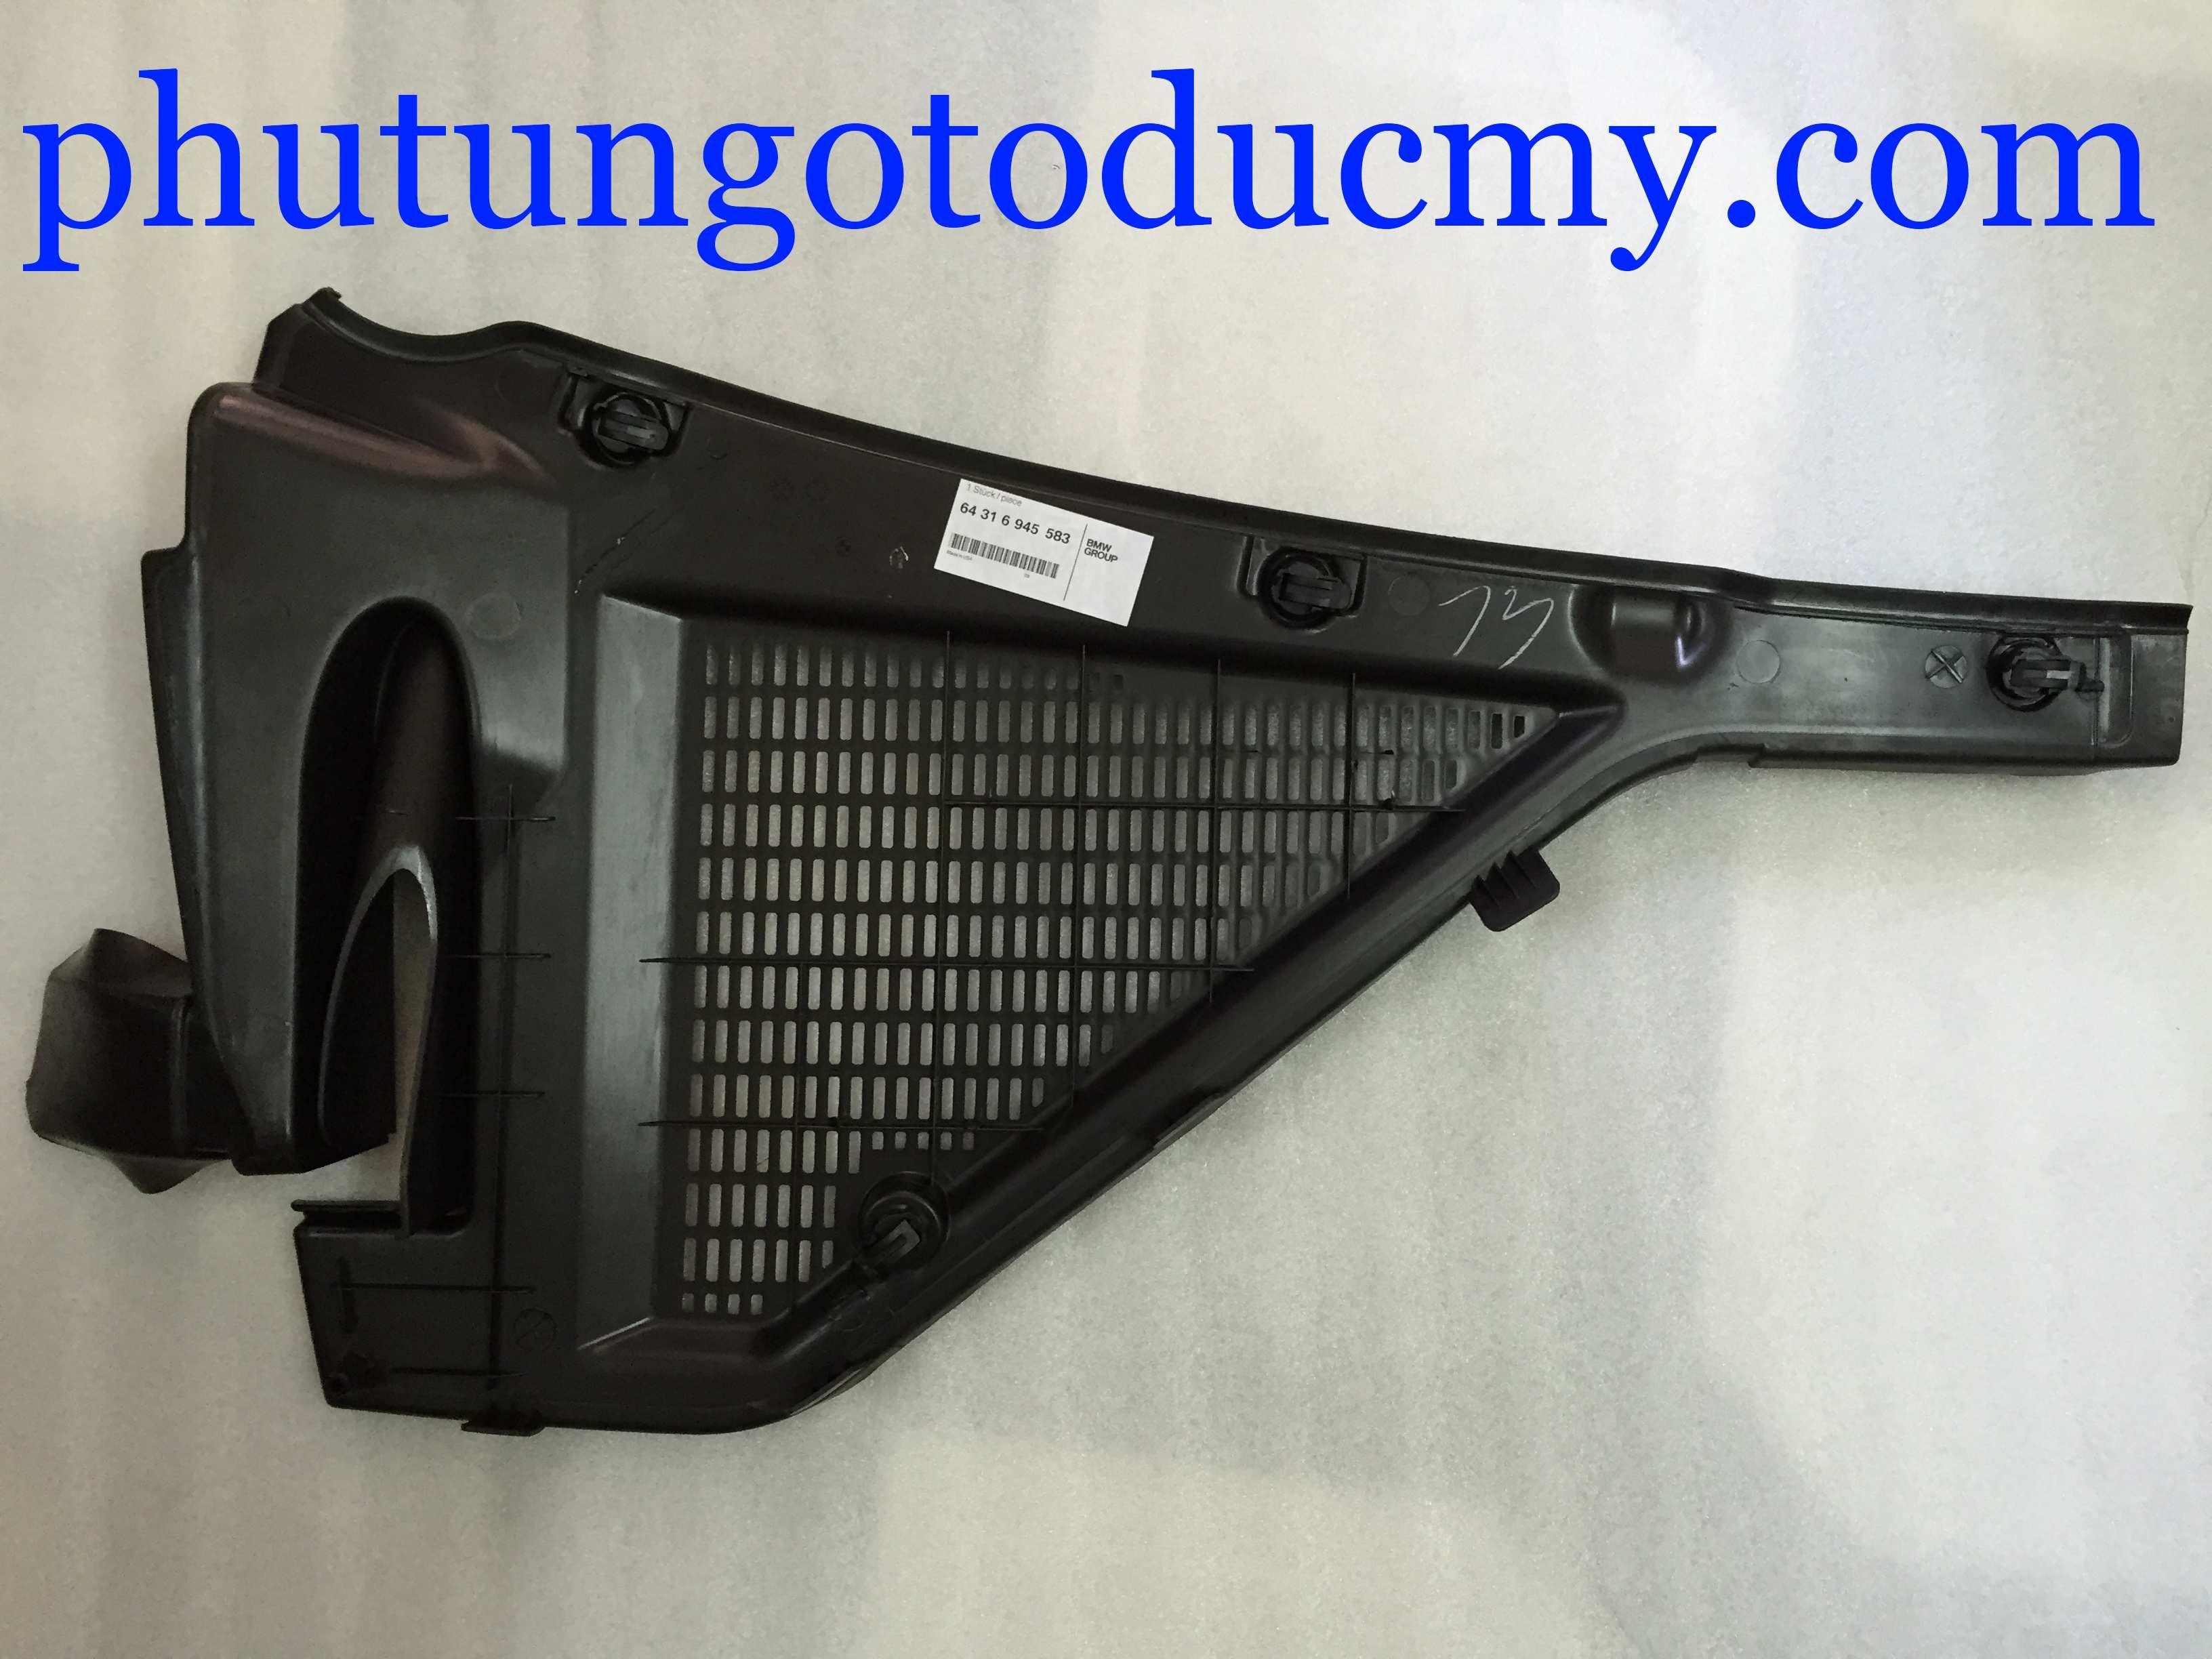 Ốp nhựa lọc gió điều hòa X5 E70, X6 E71- 64316945583